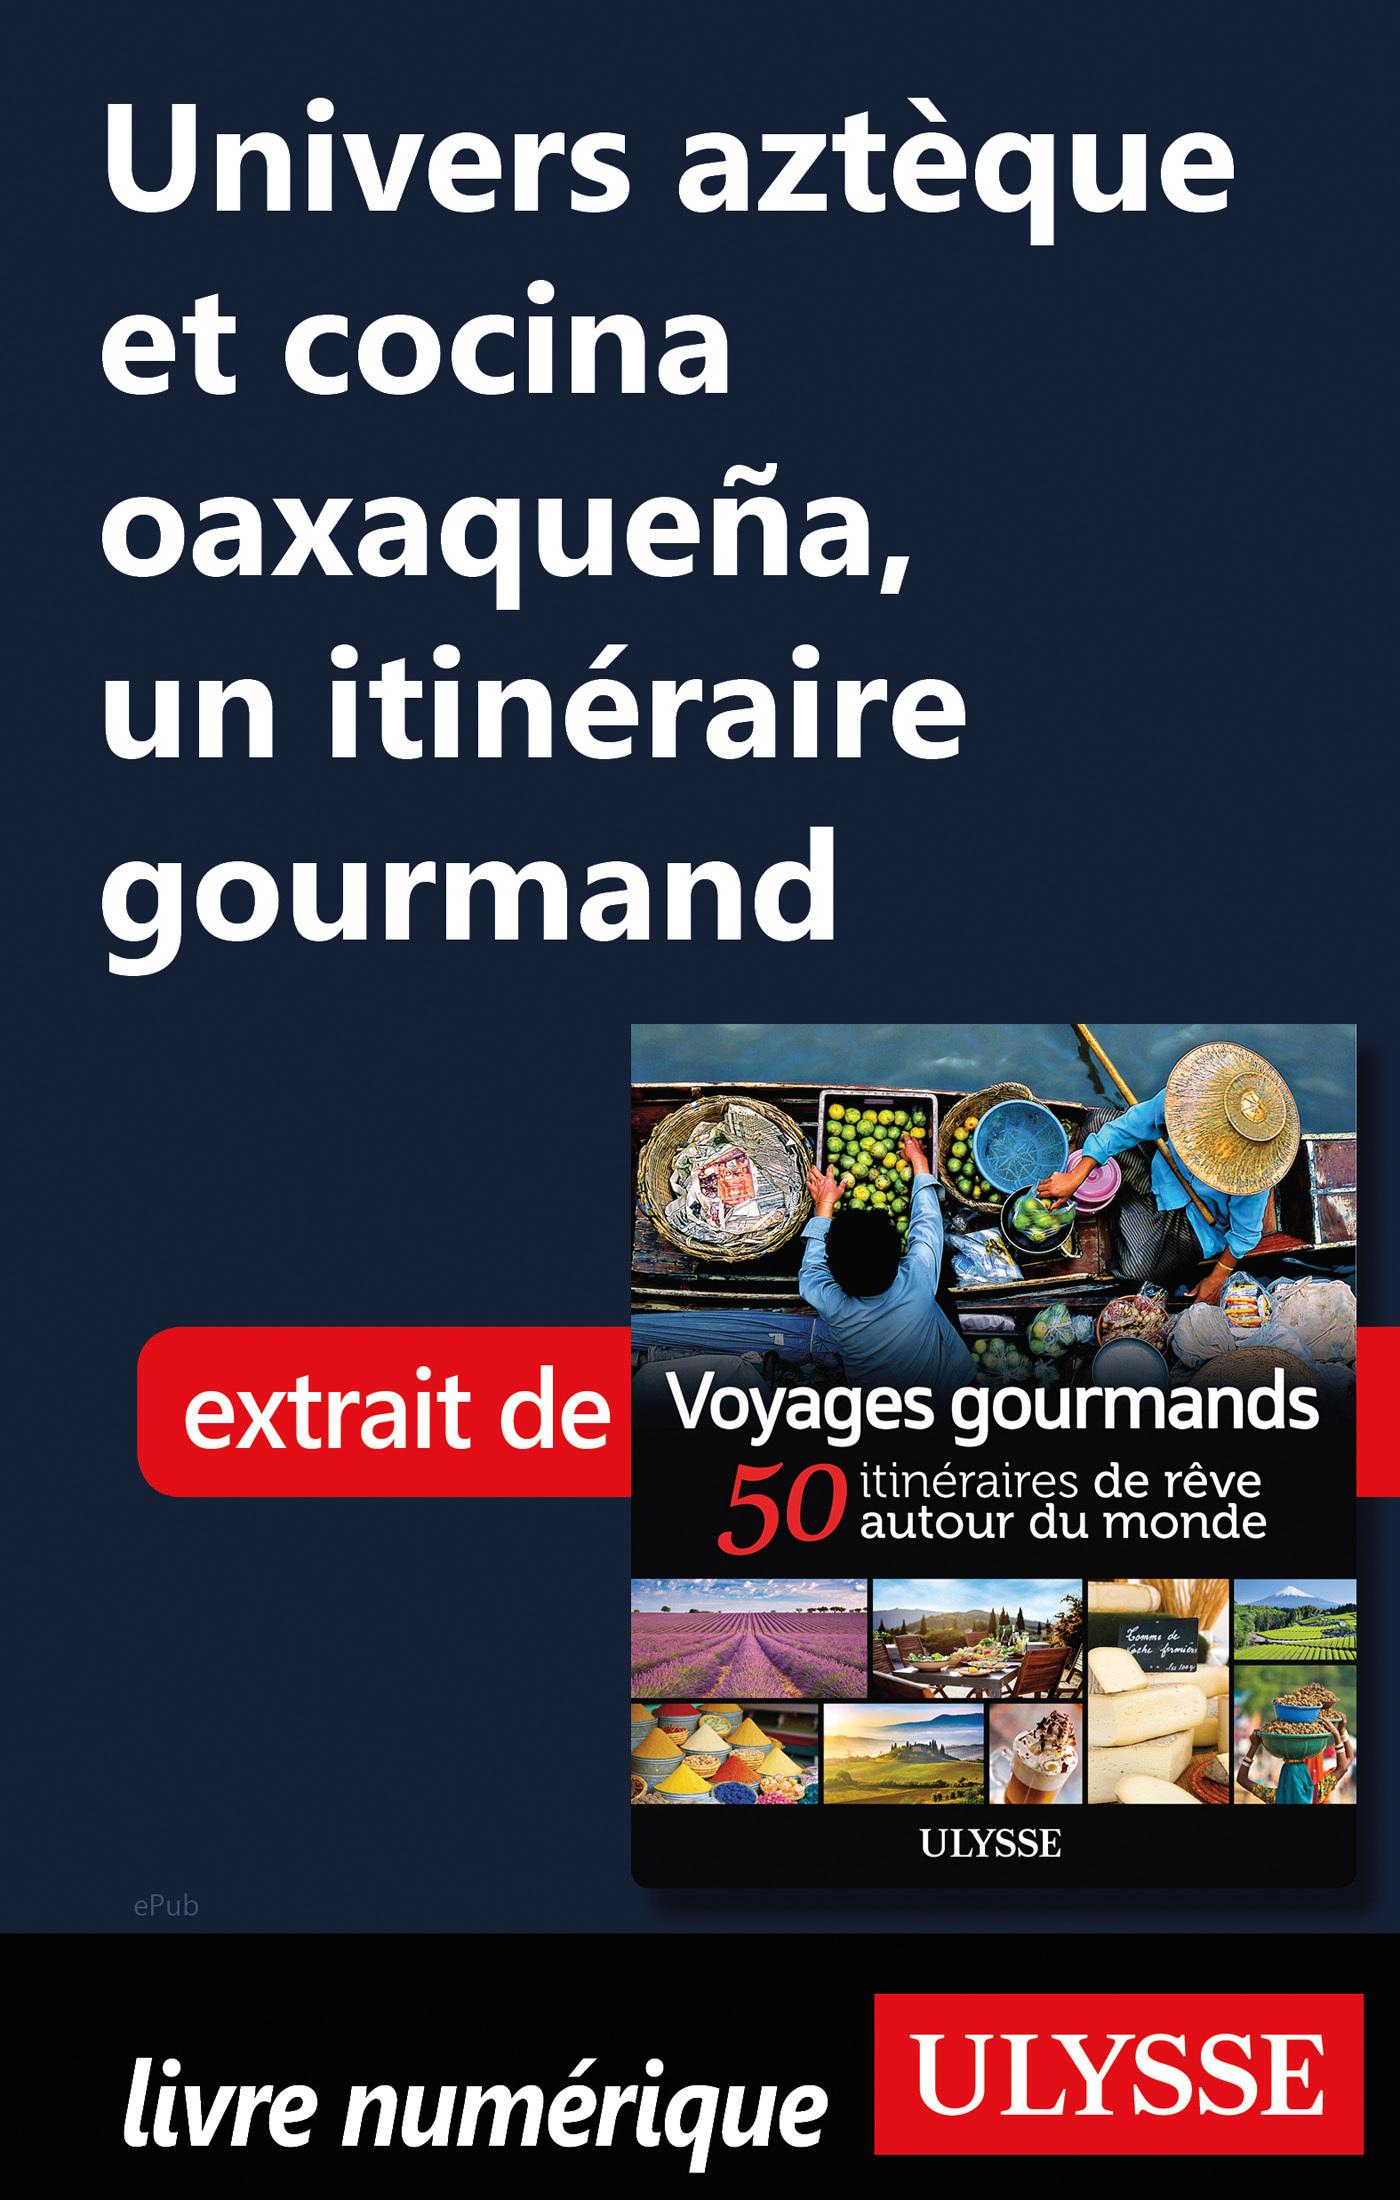 Univers aztèque et cocina oaxaquena - Un itinéraire gourmand